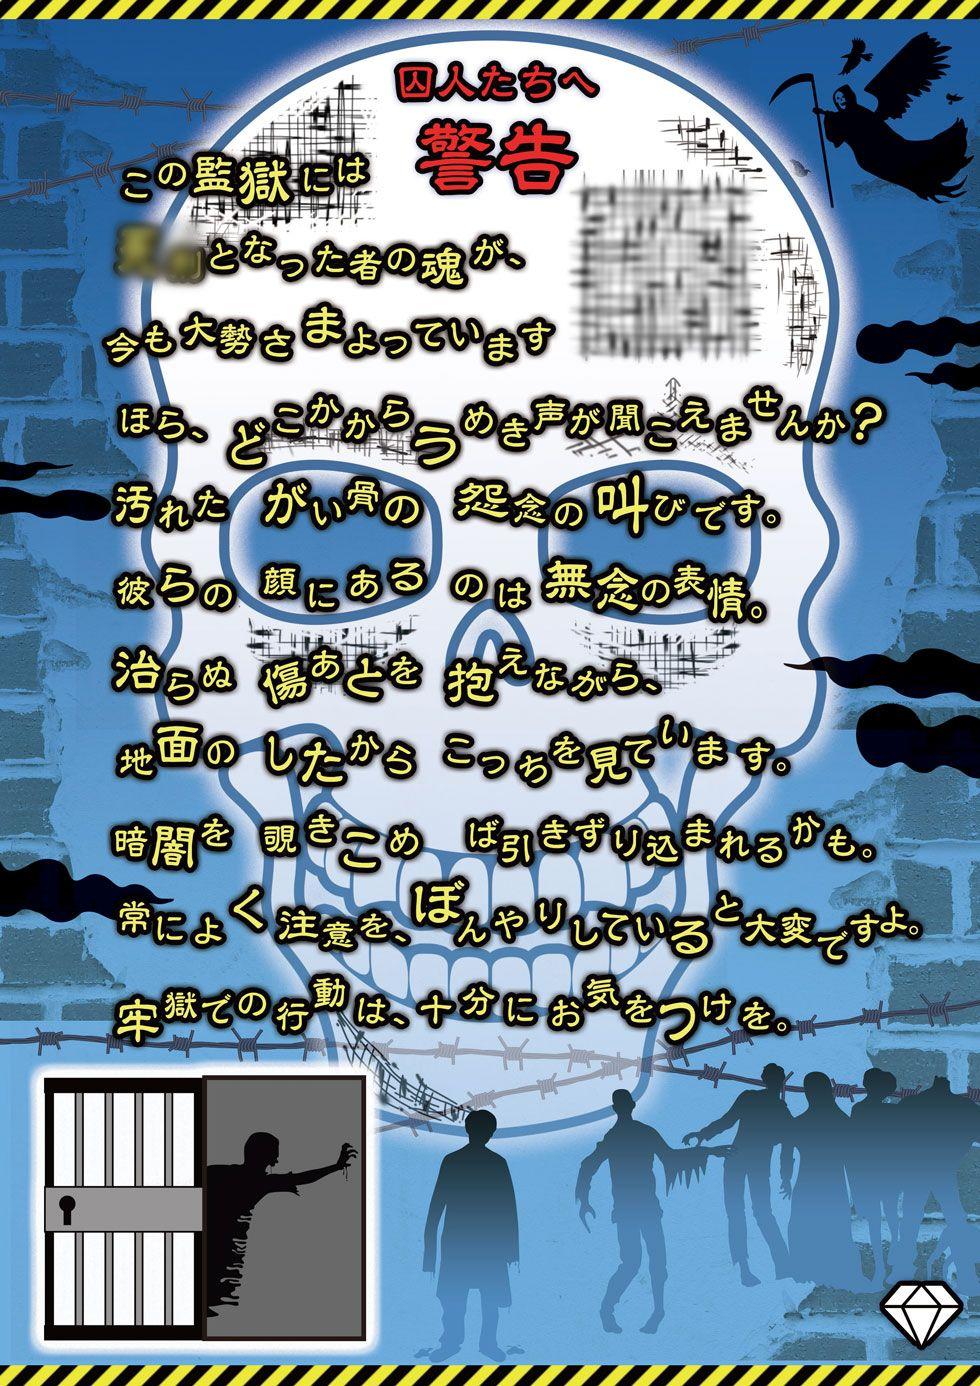 謎解き用ポスター-のコピー